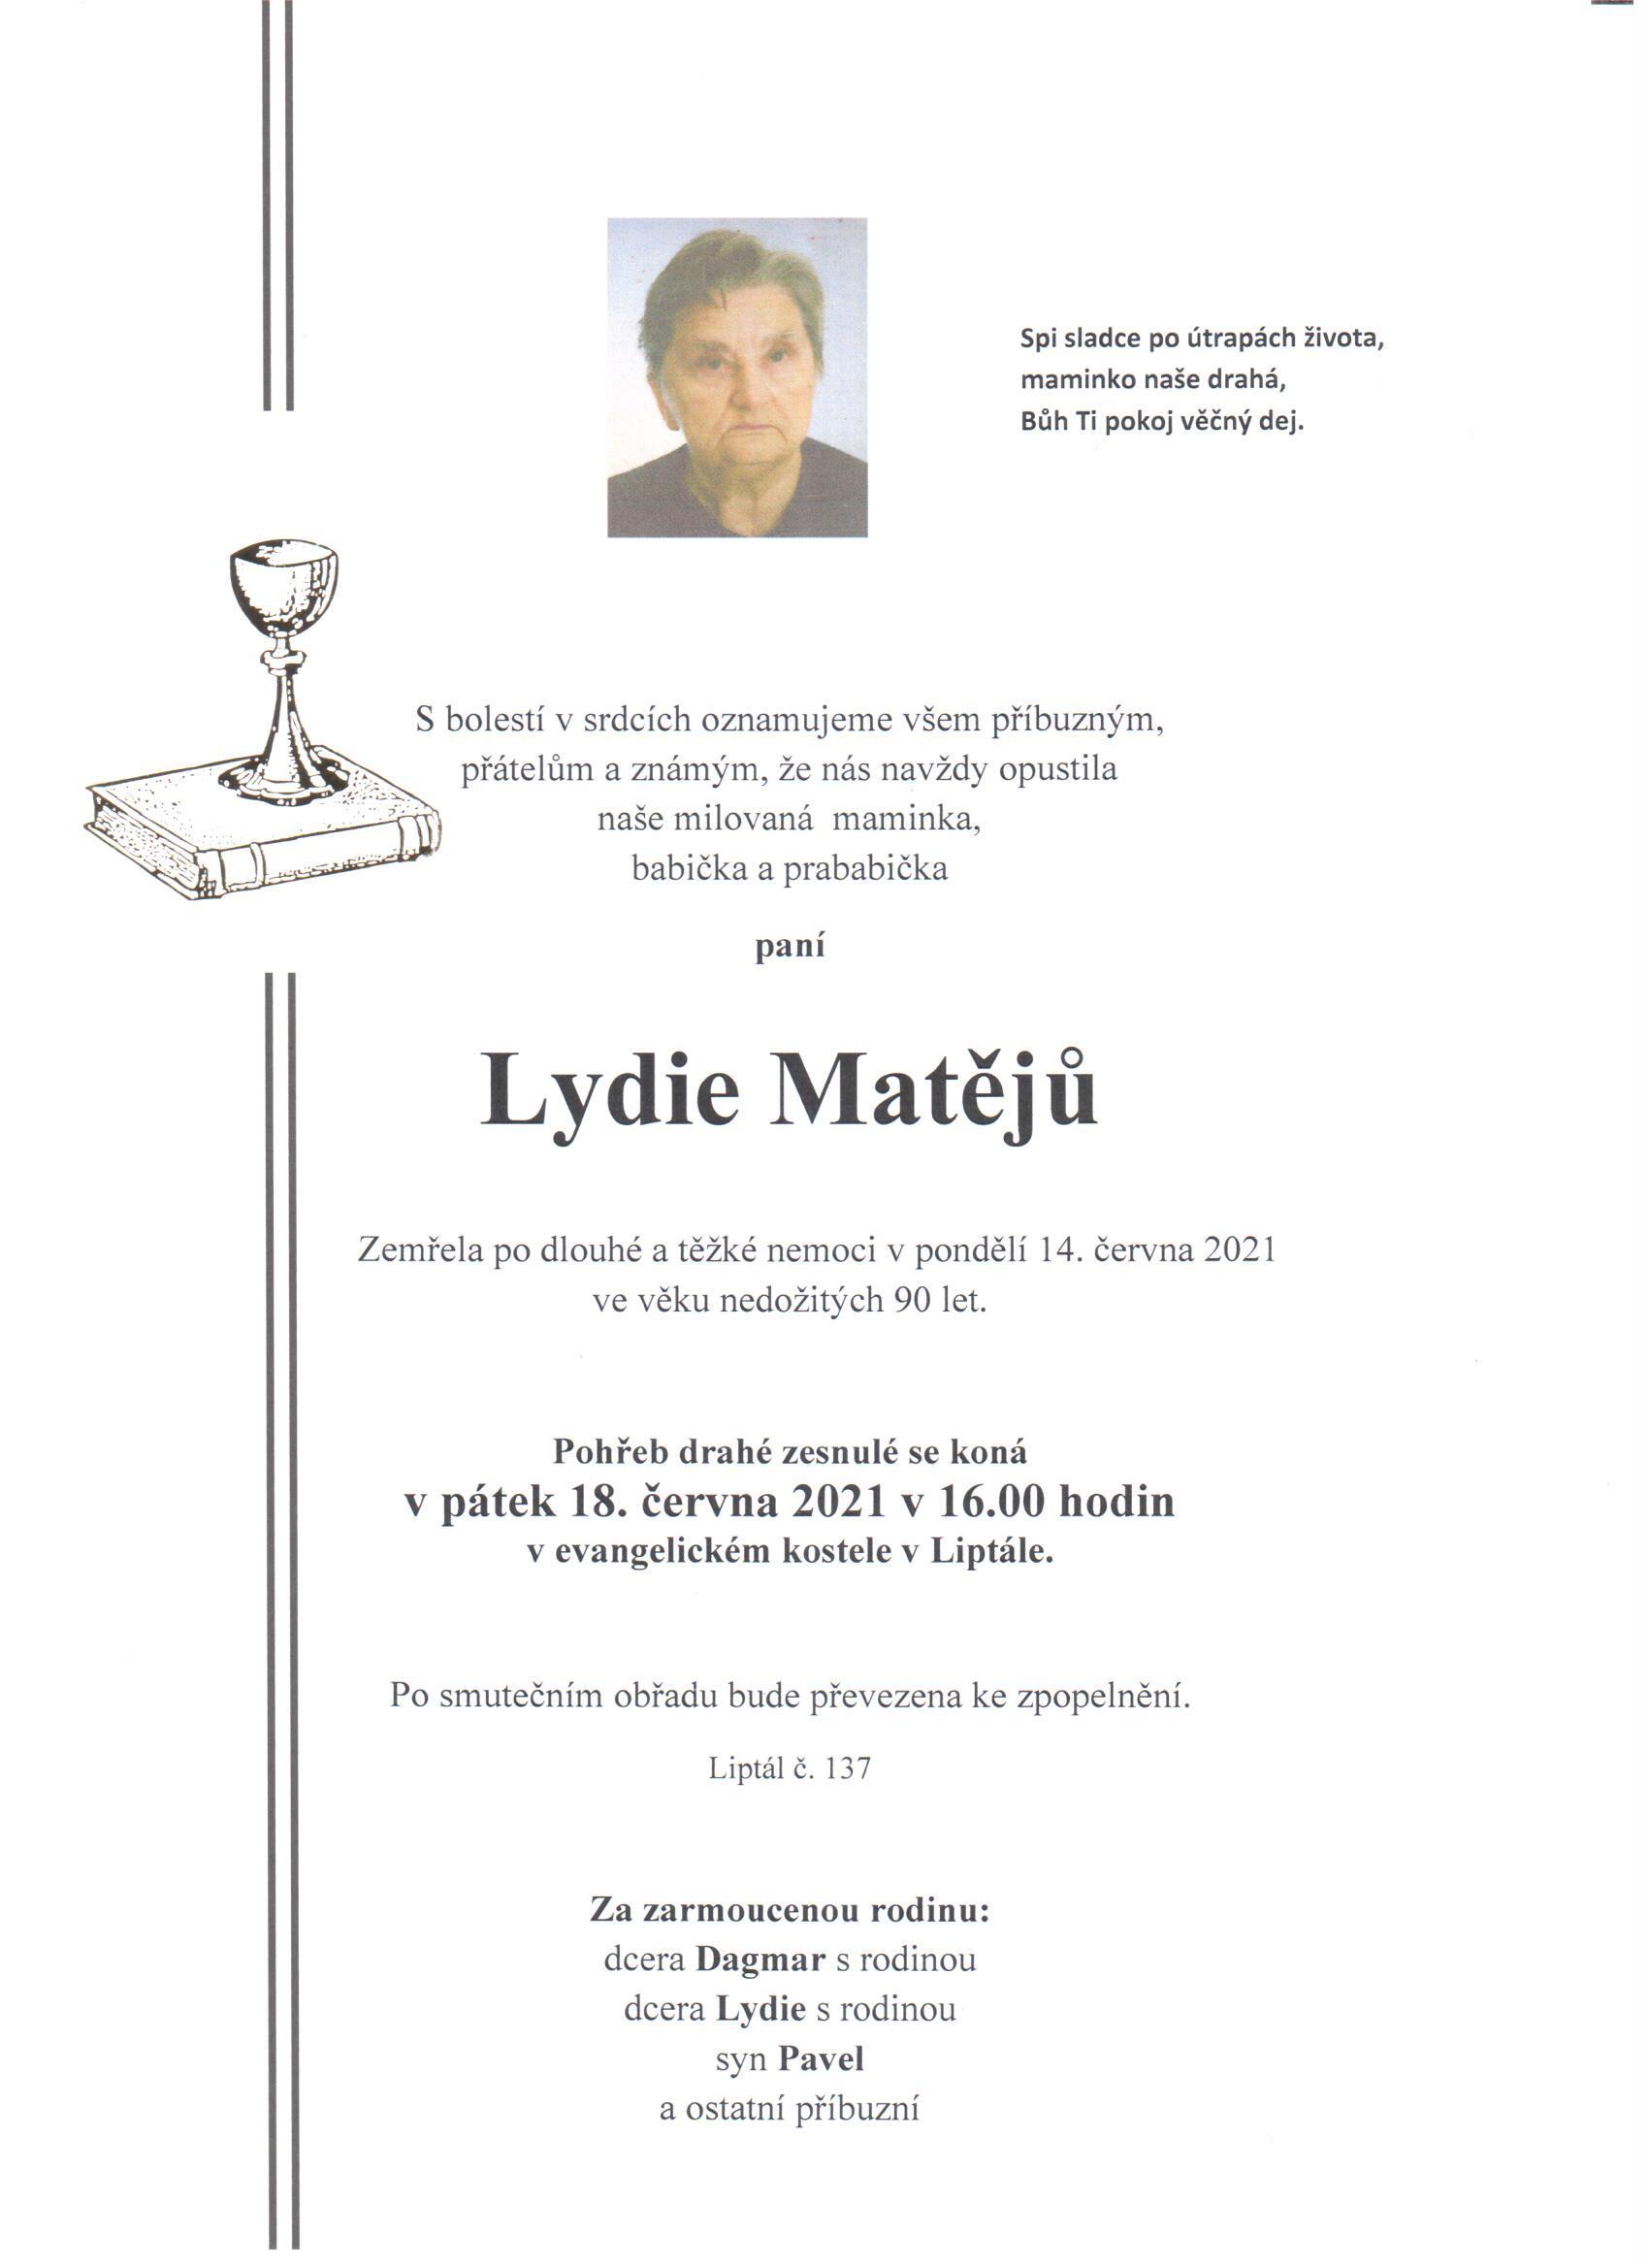 Lydie Matějů